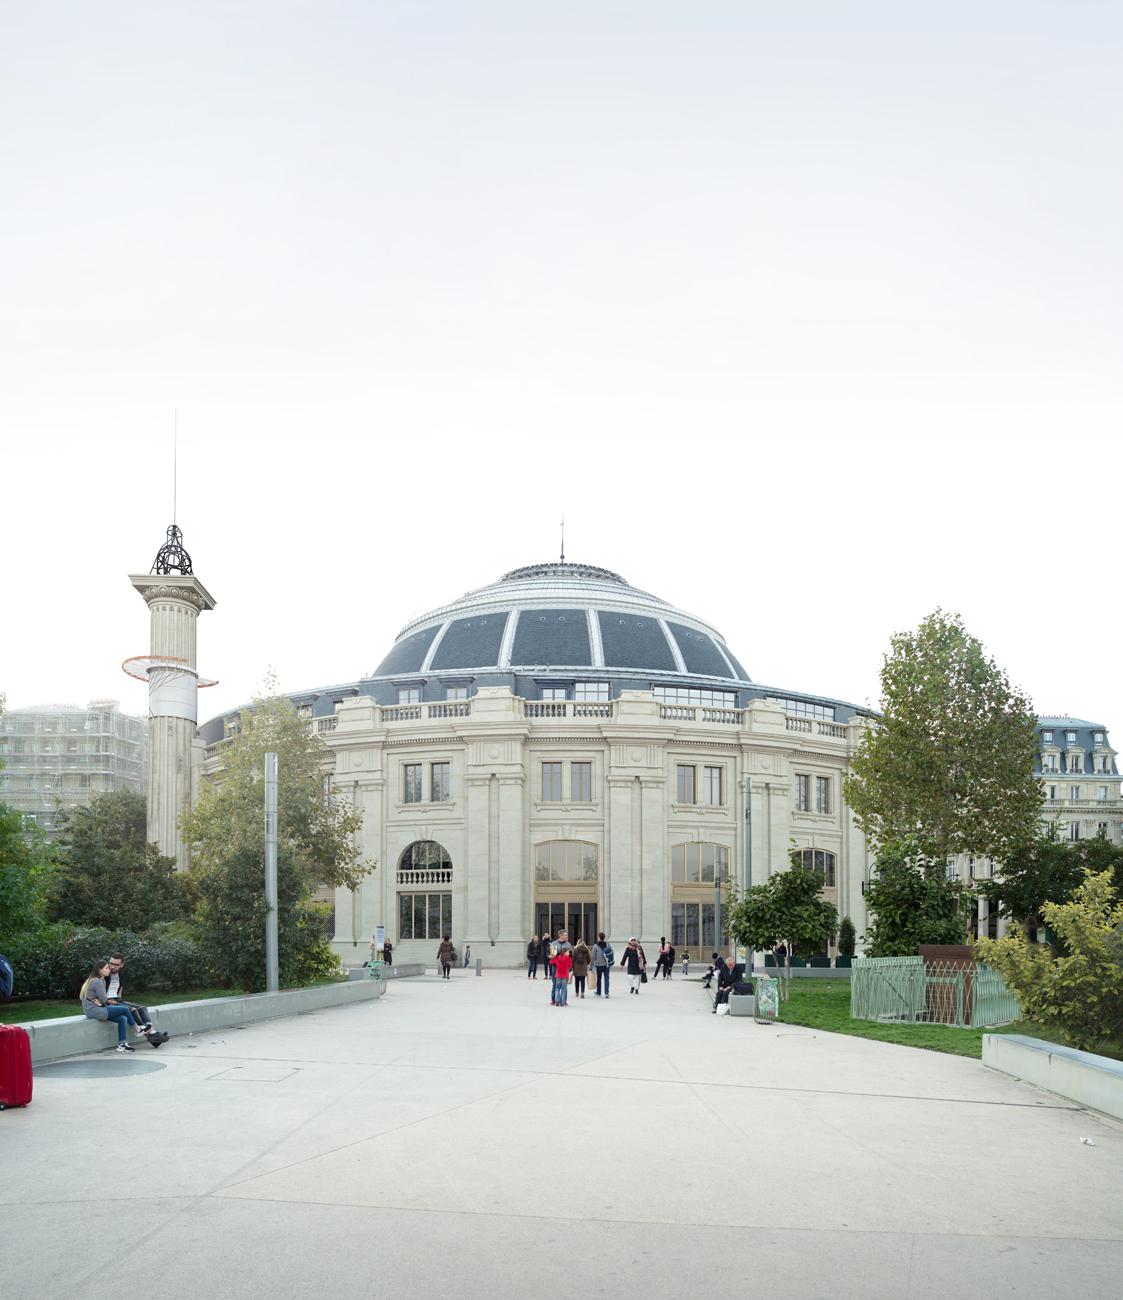 Bourse de Commerce di Parigi, il racconto di Tadao Ando - Foto